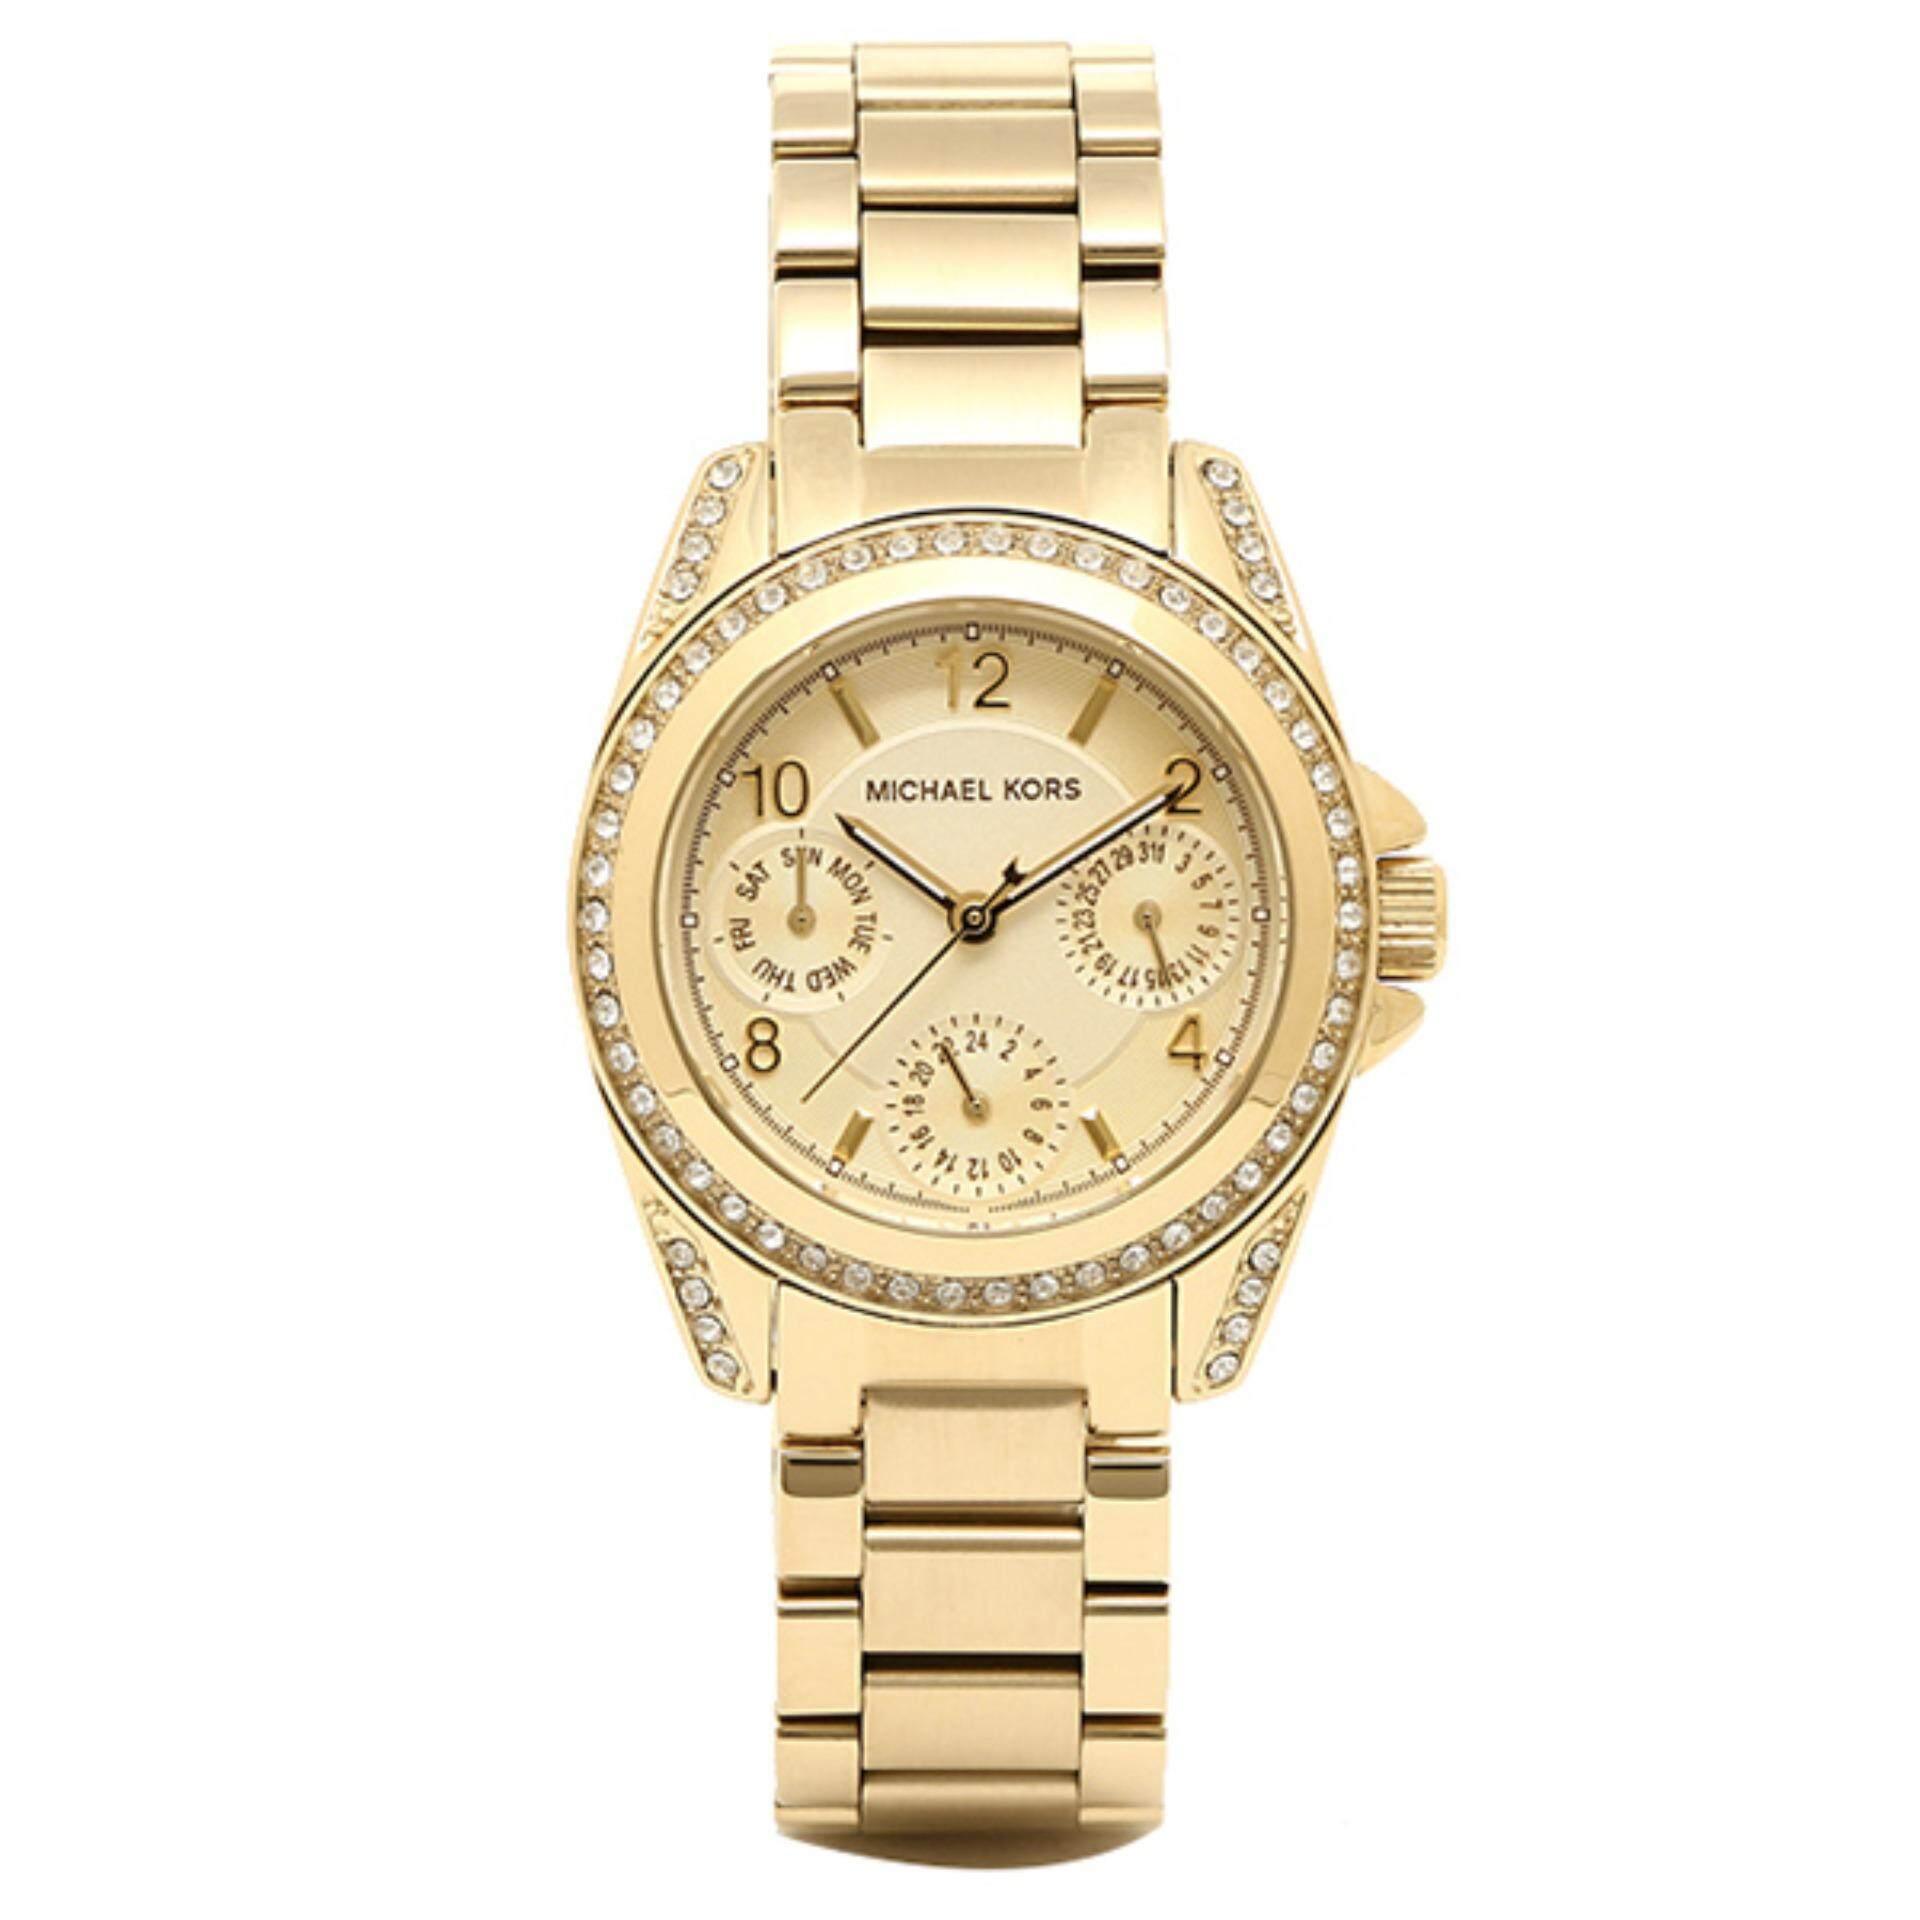 17de8e004c6d Michael Kors Watches price in Malaysia - Best Michael Kors Watches ...